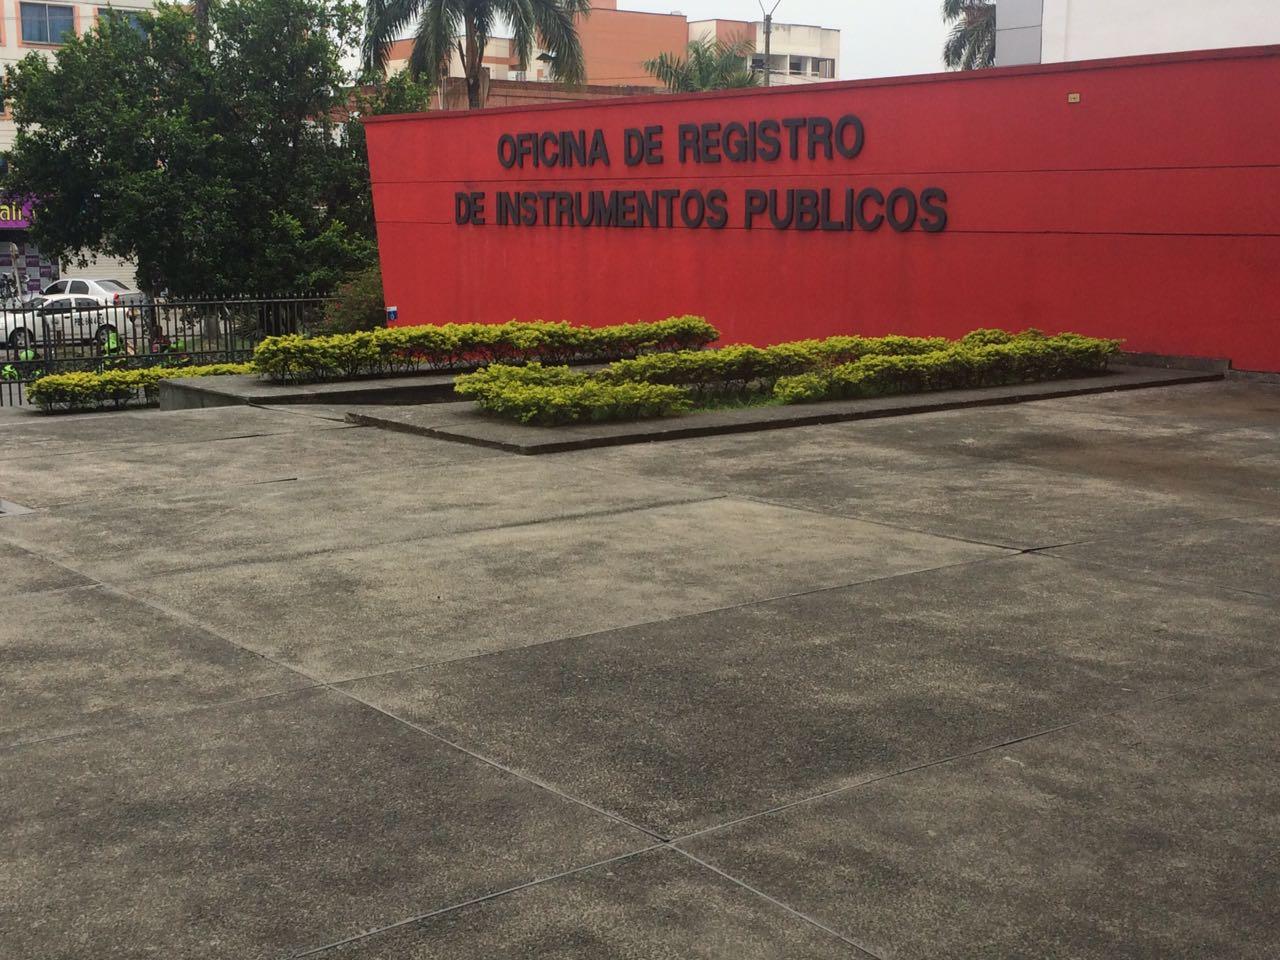 Oficina de Instrumentos Públicos lleva 5 días en paro laboral